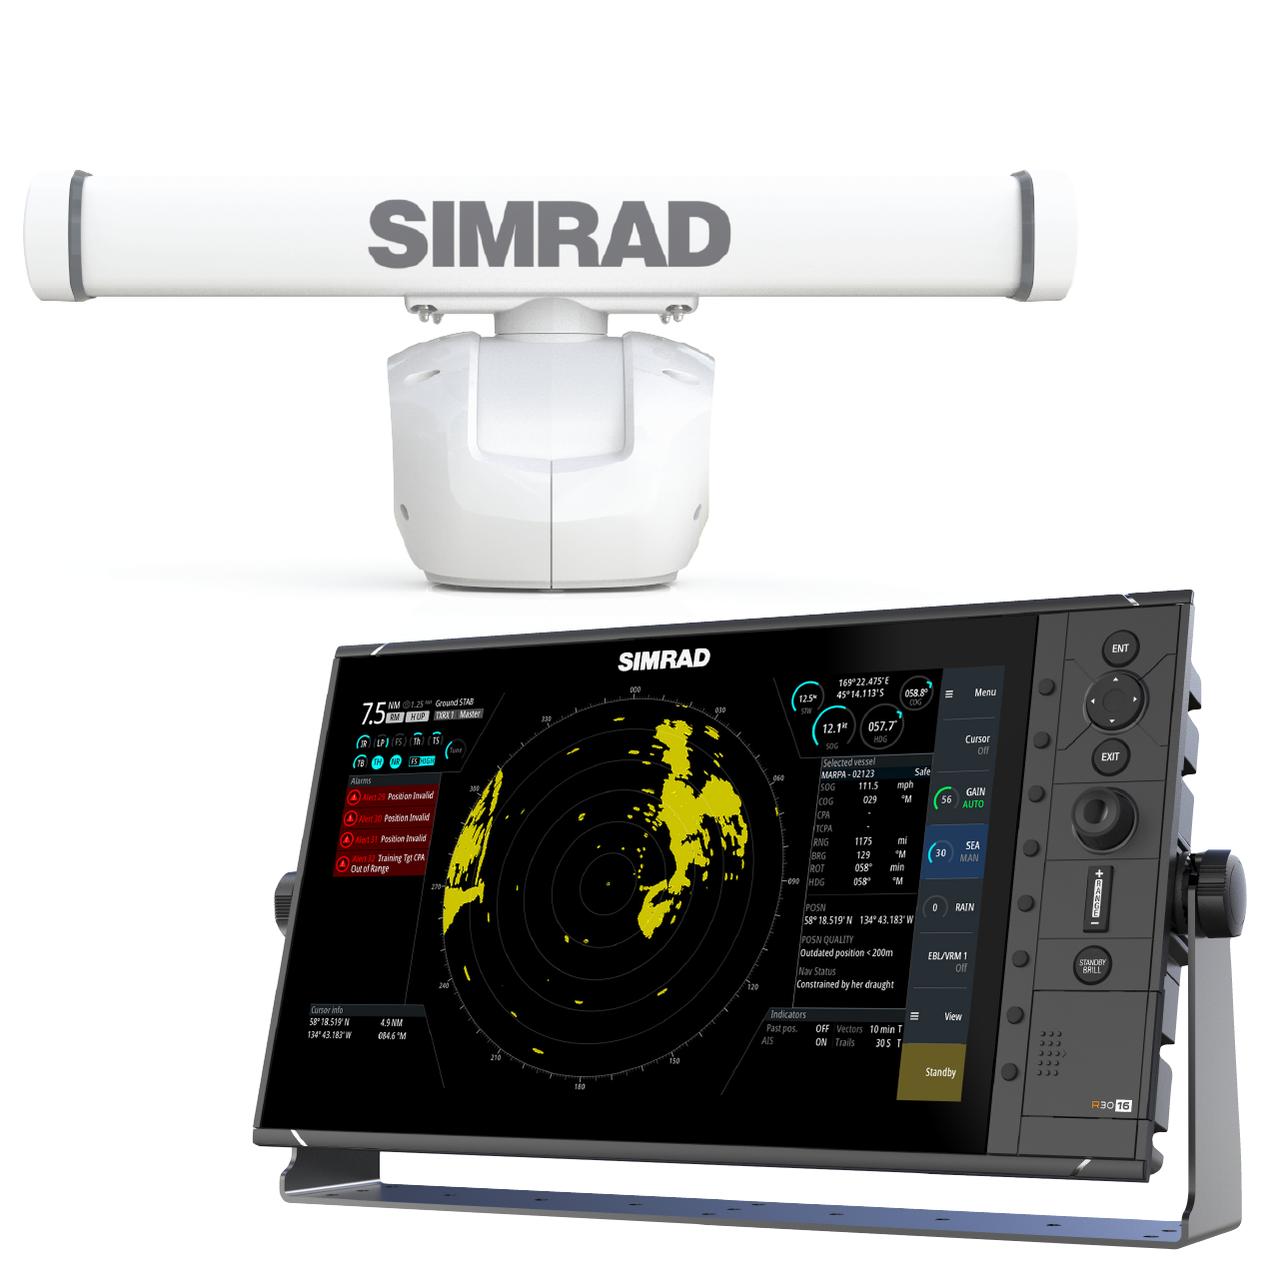 Simrad R3016 Radar Control Unit with HALO 3